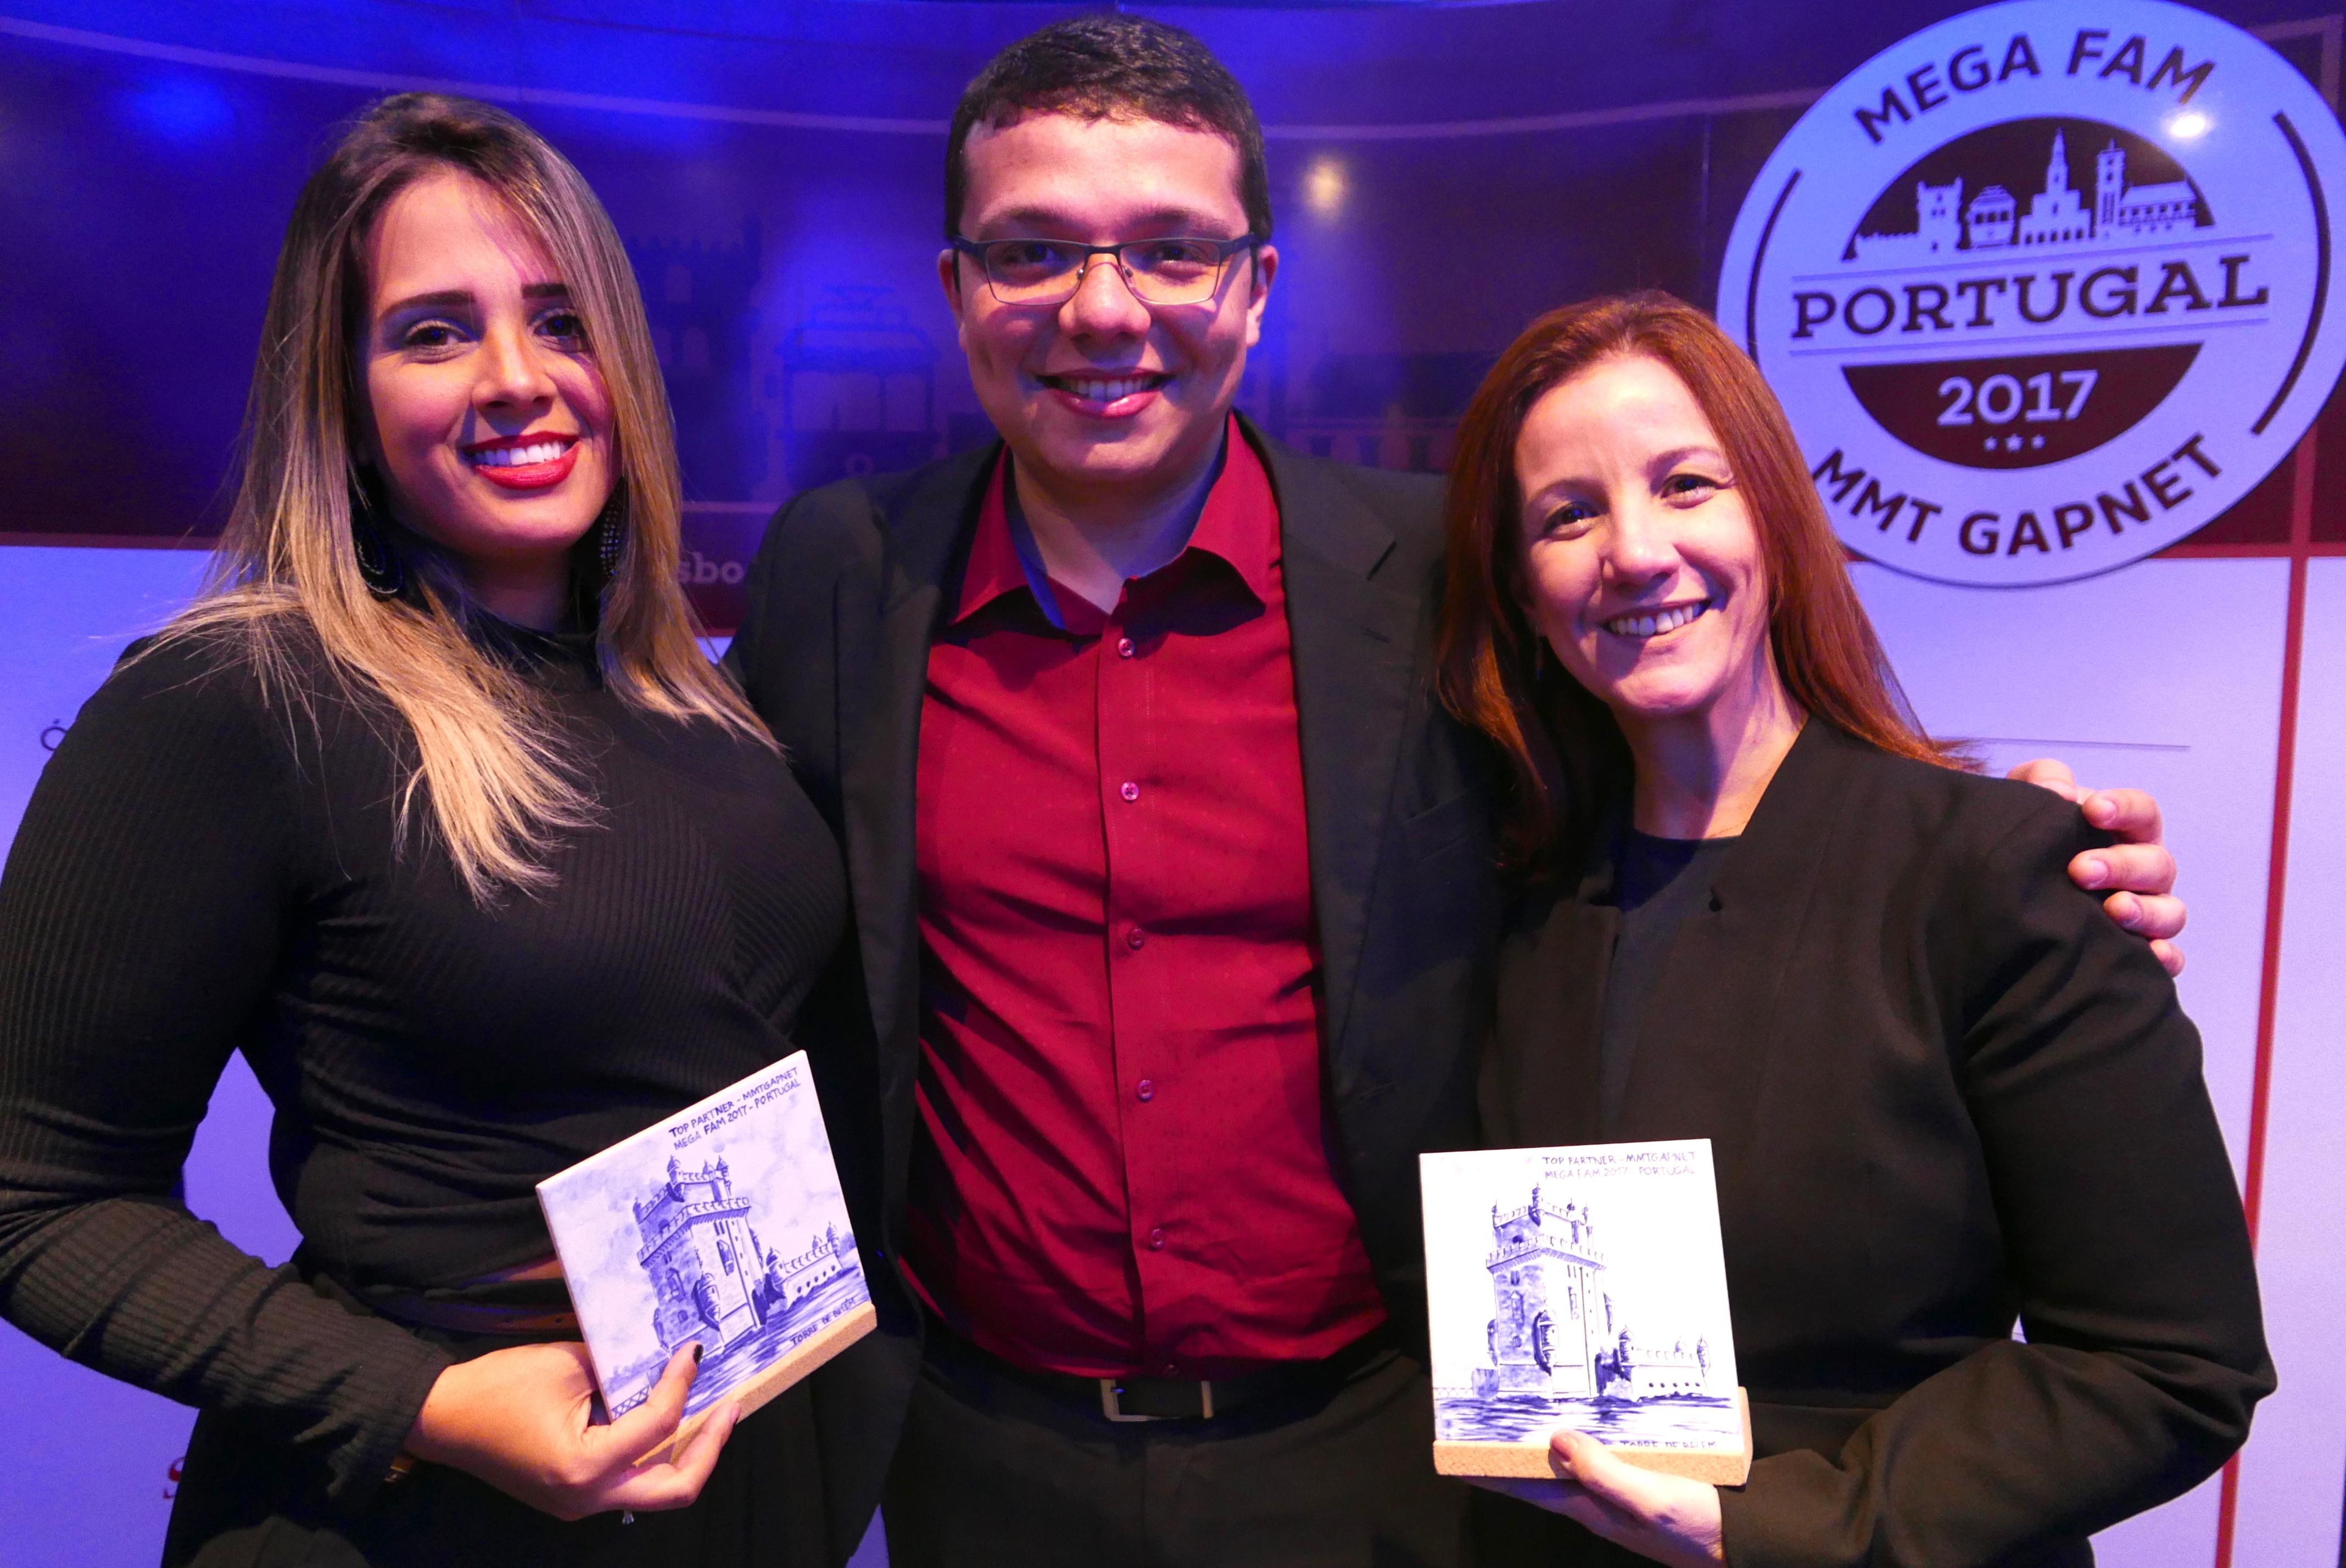 """Bruno Sá e as """"meninas do Rio"""", na premiação Megafam 2017 MMTGapnet 2017"""